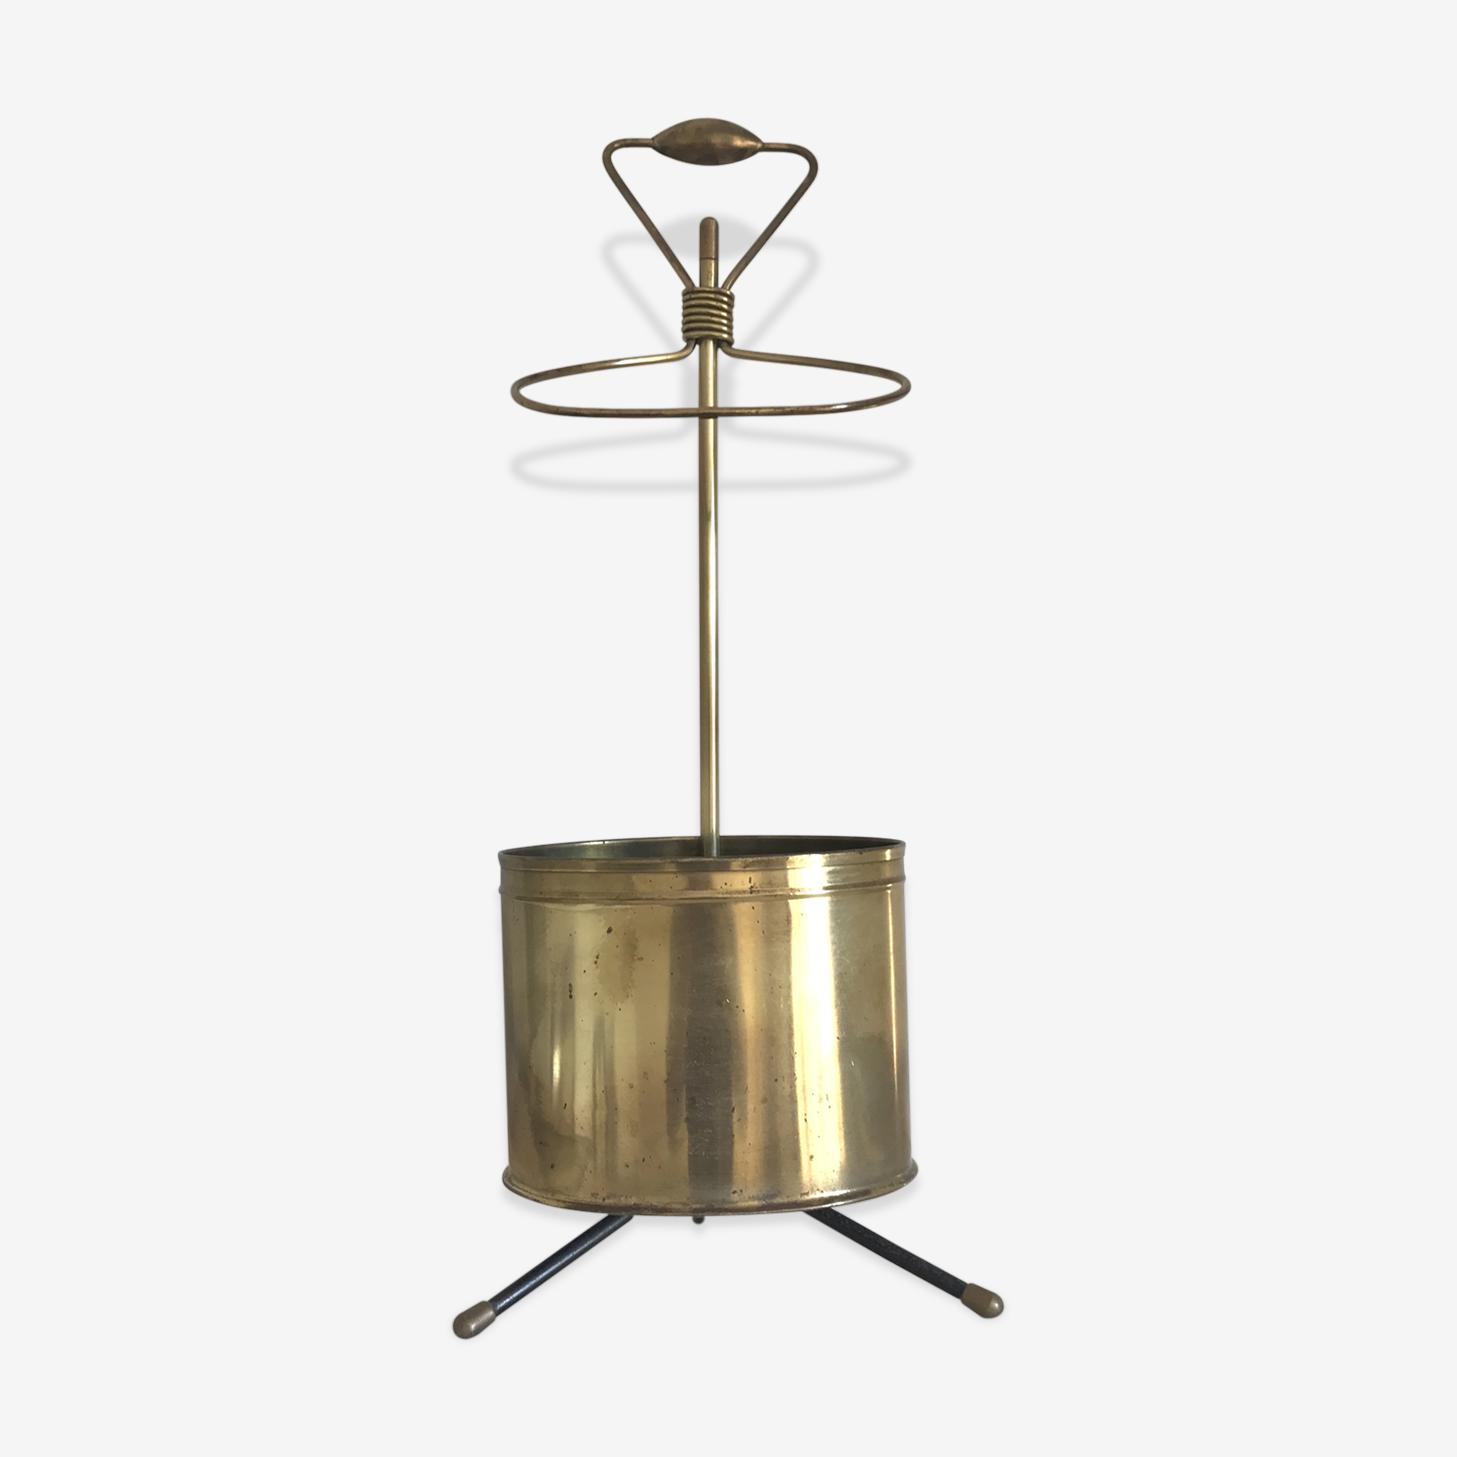 Porte-parapluie Mathieu Matégot laiton doré 1950s